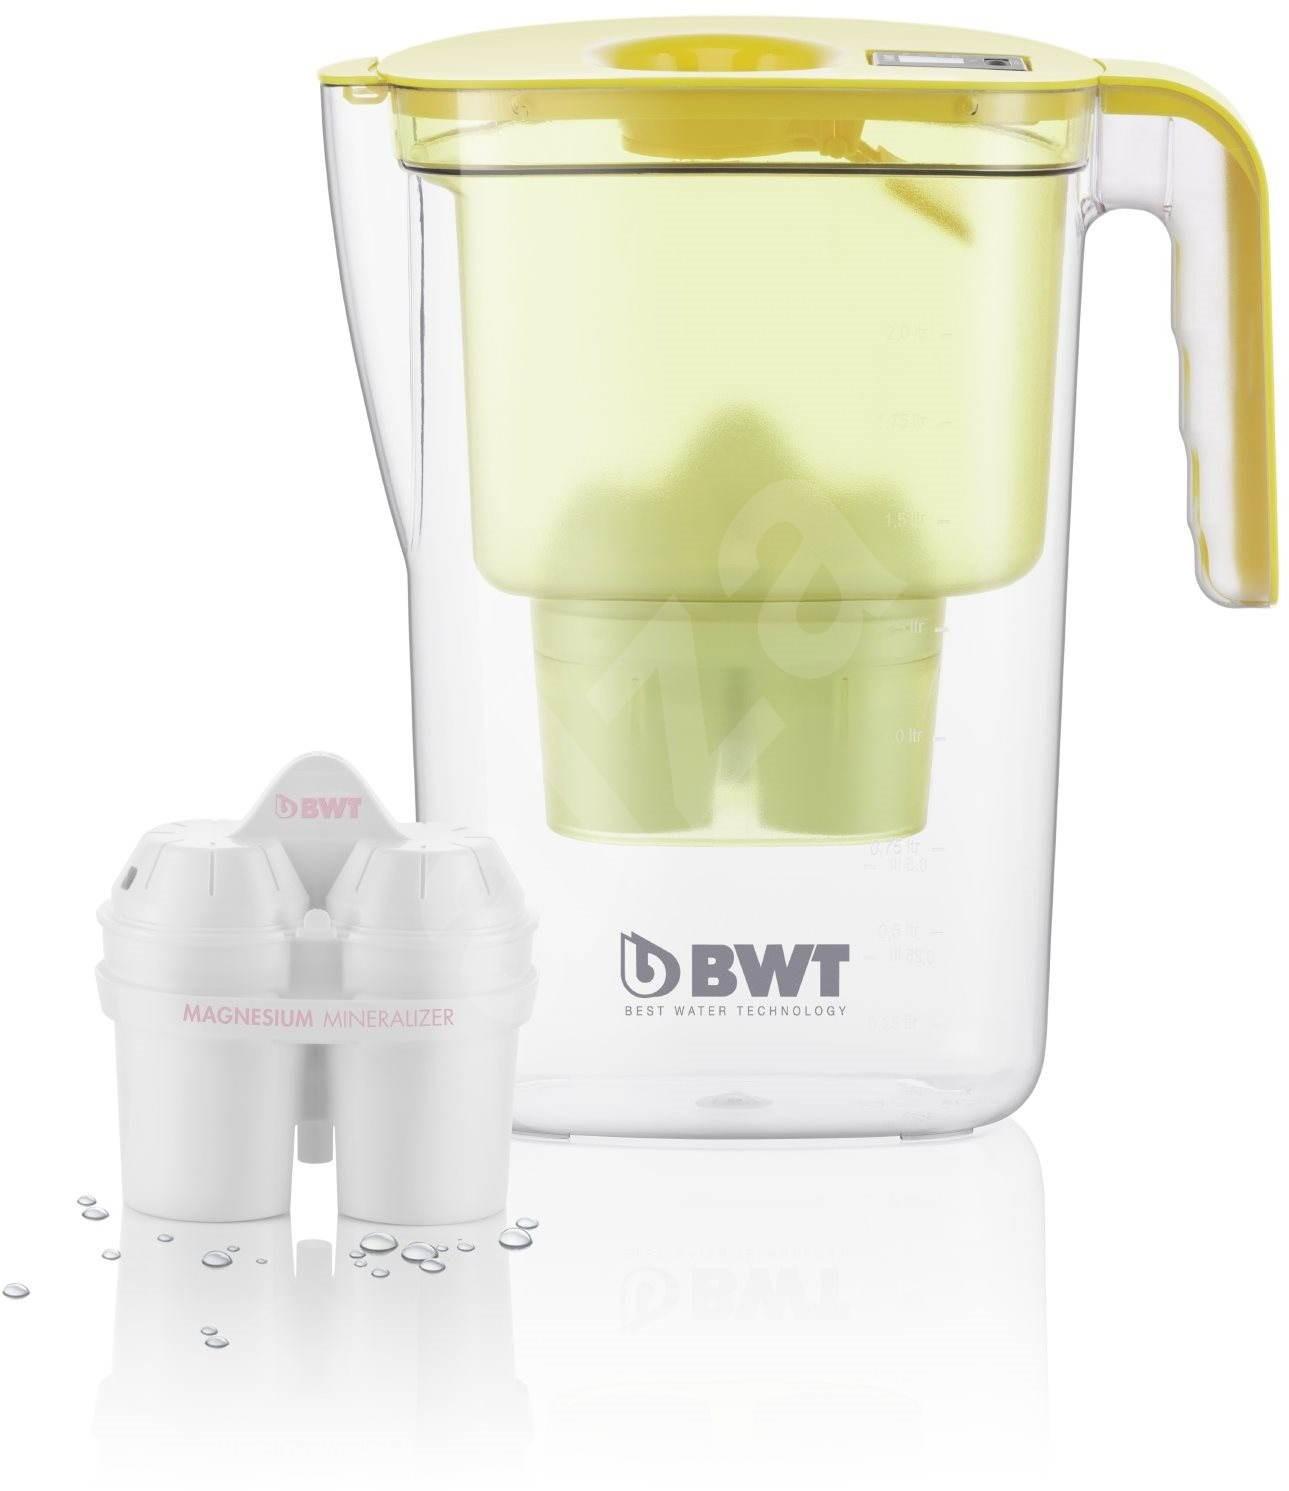 bwt filter vida yellow filter kettle. Black Bedroom Furniture Sets. Home Design Ideas